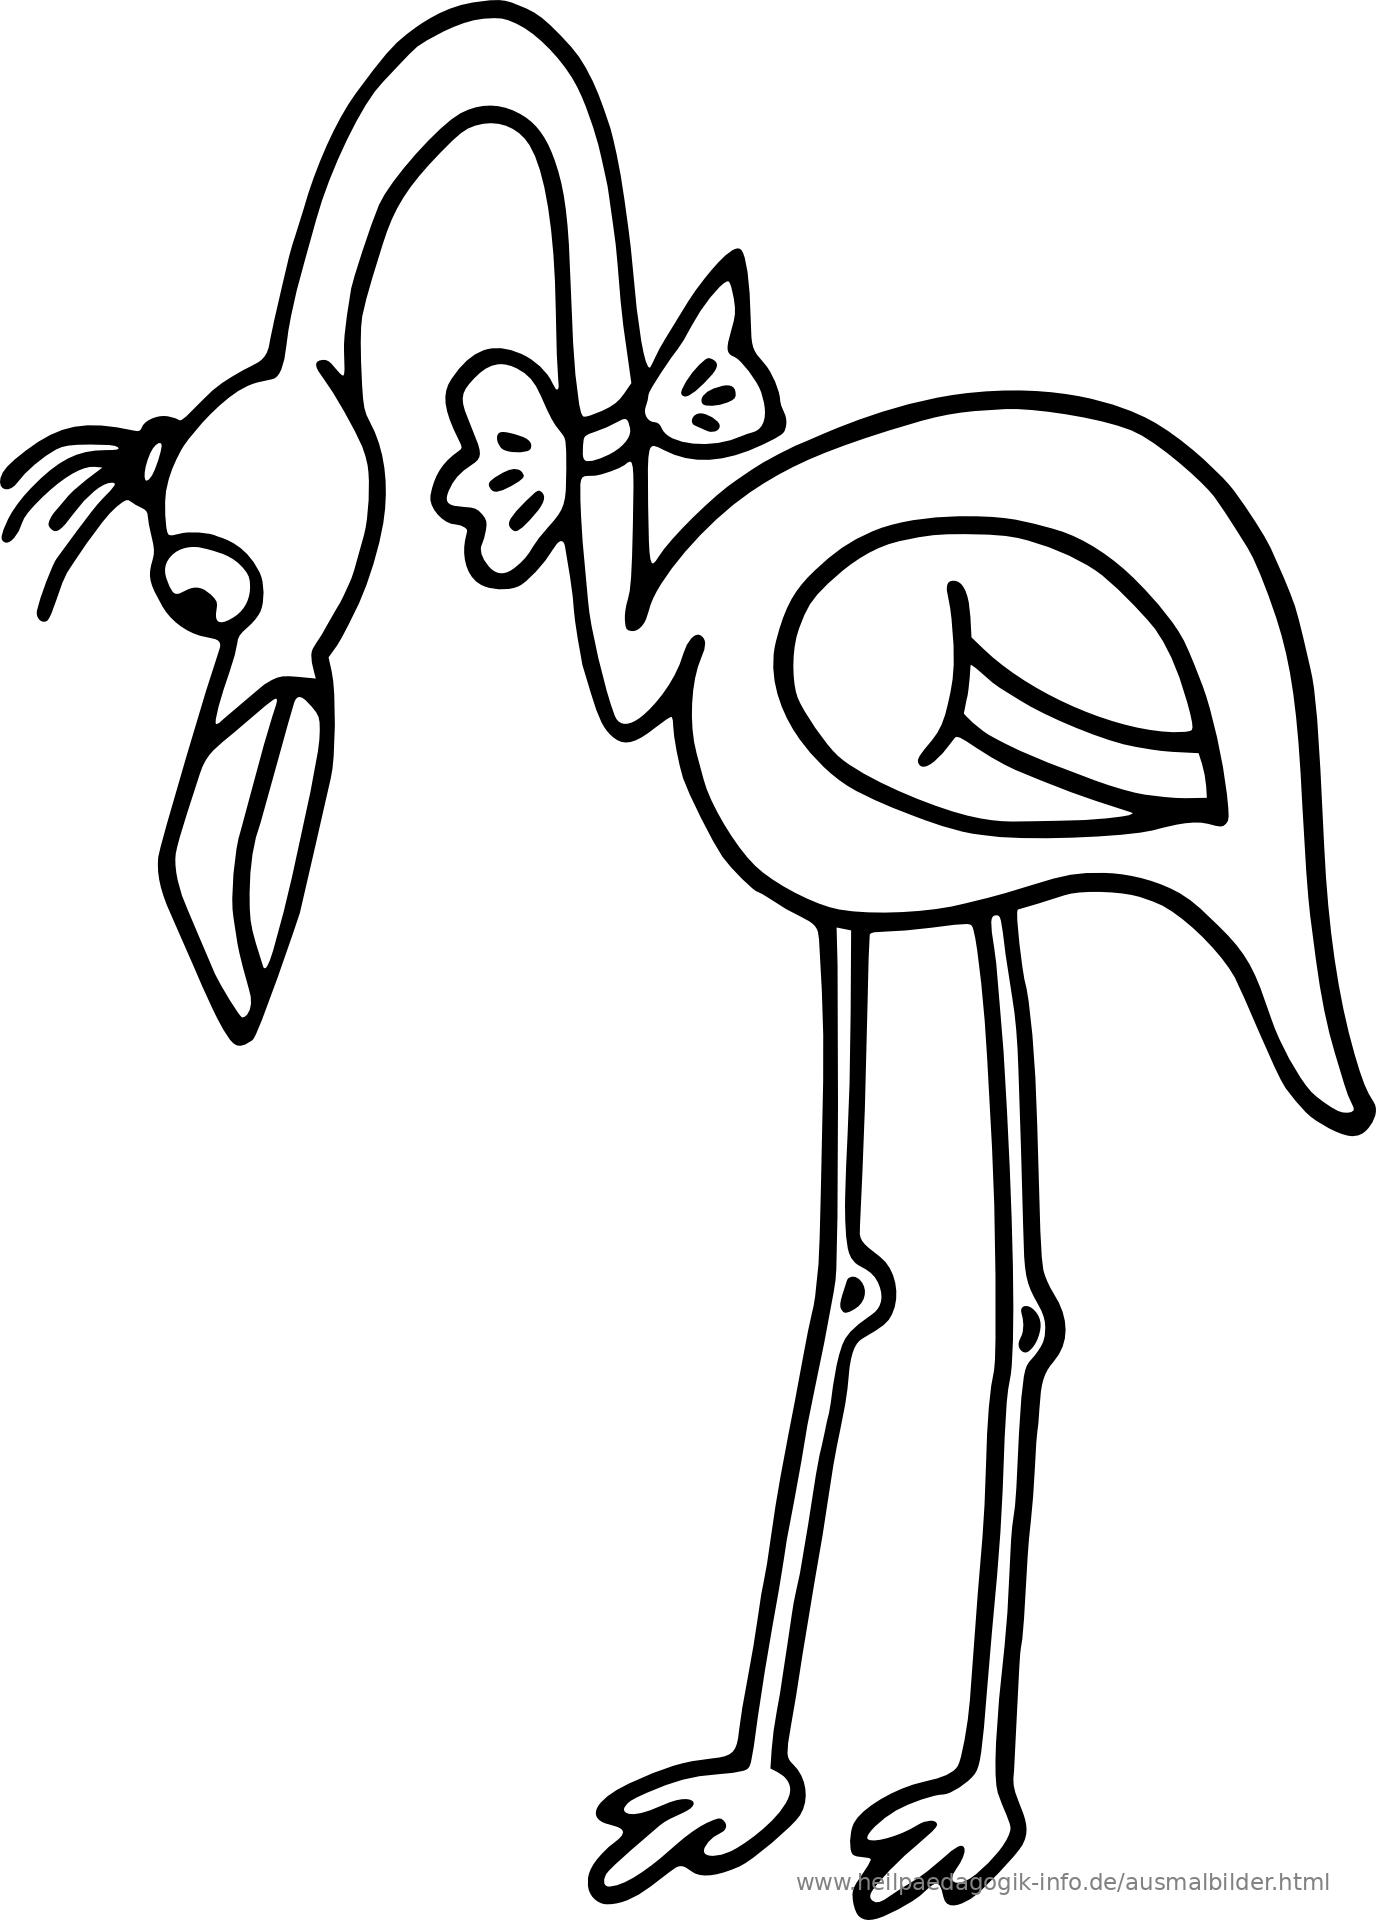 flamingo zum ausmalen  vorlagen zum ausmalen gratis